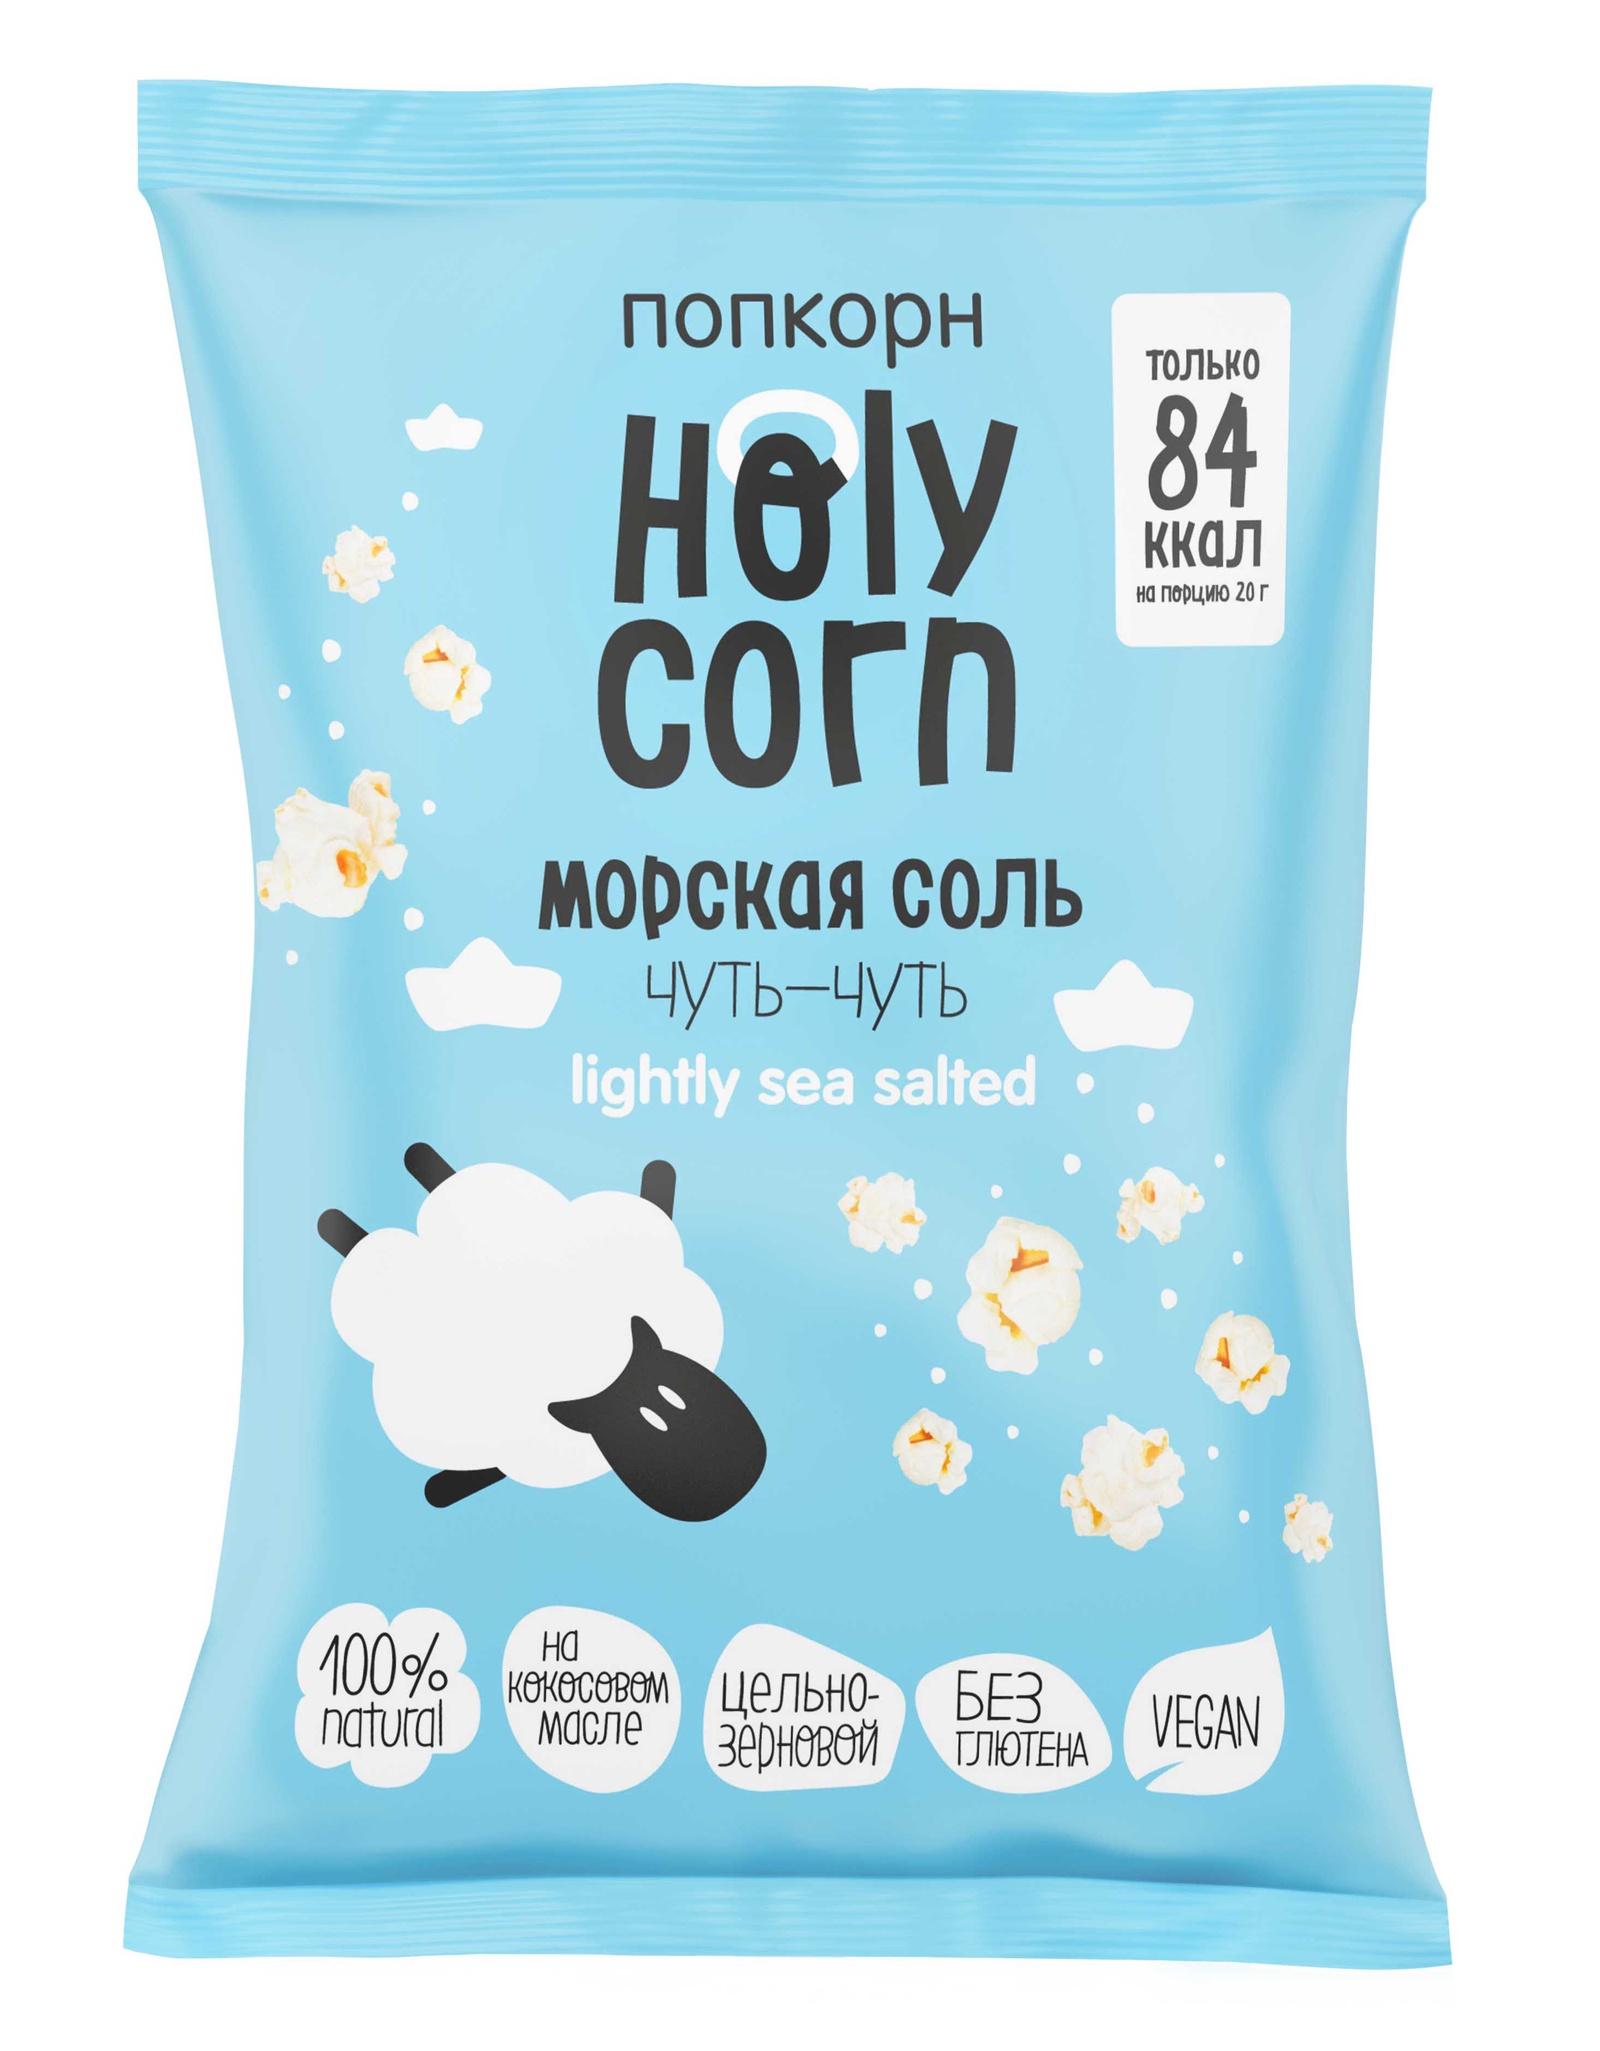 Набор попкорн 8 шт, HOLY CORN, морская соль, большие пачки 60 г/шт